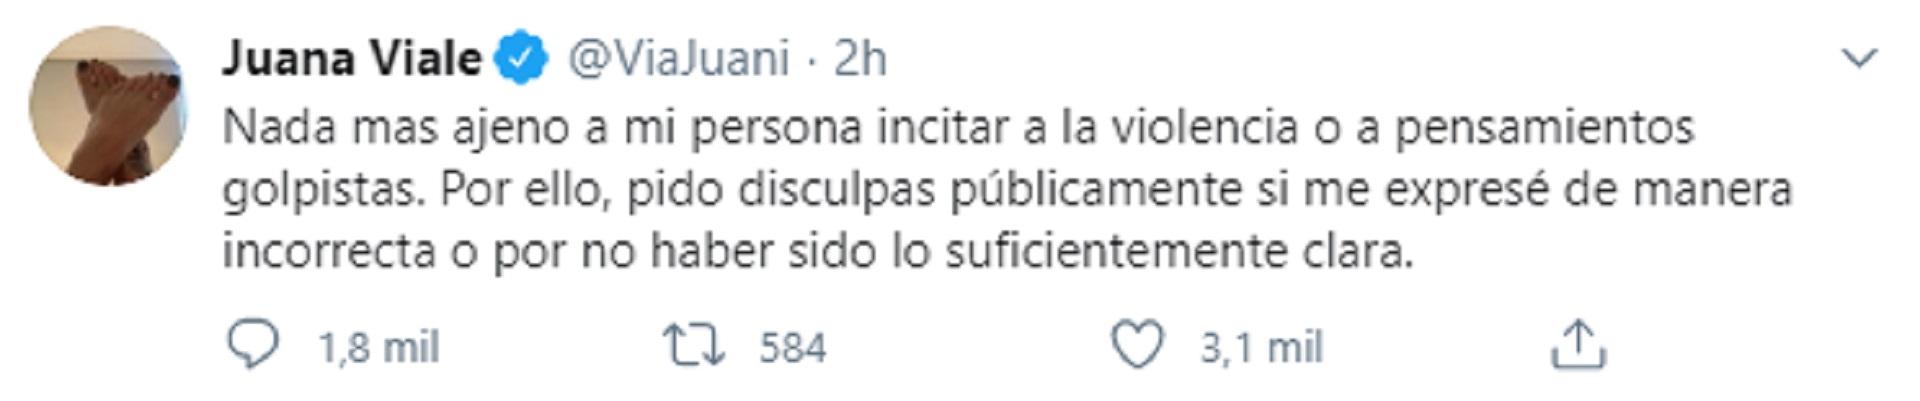 Tuit de Juana Viale donde pide disculpas por sus dichos